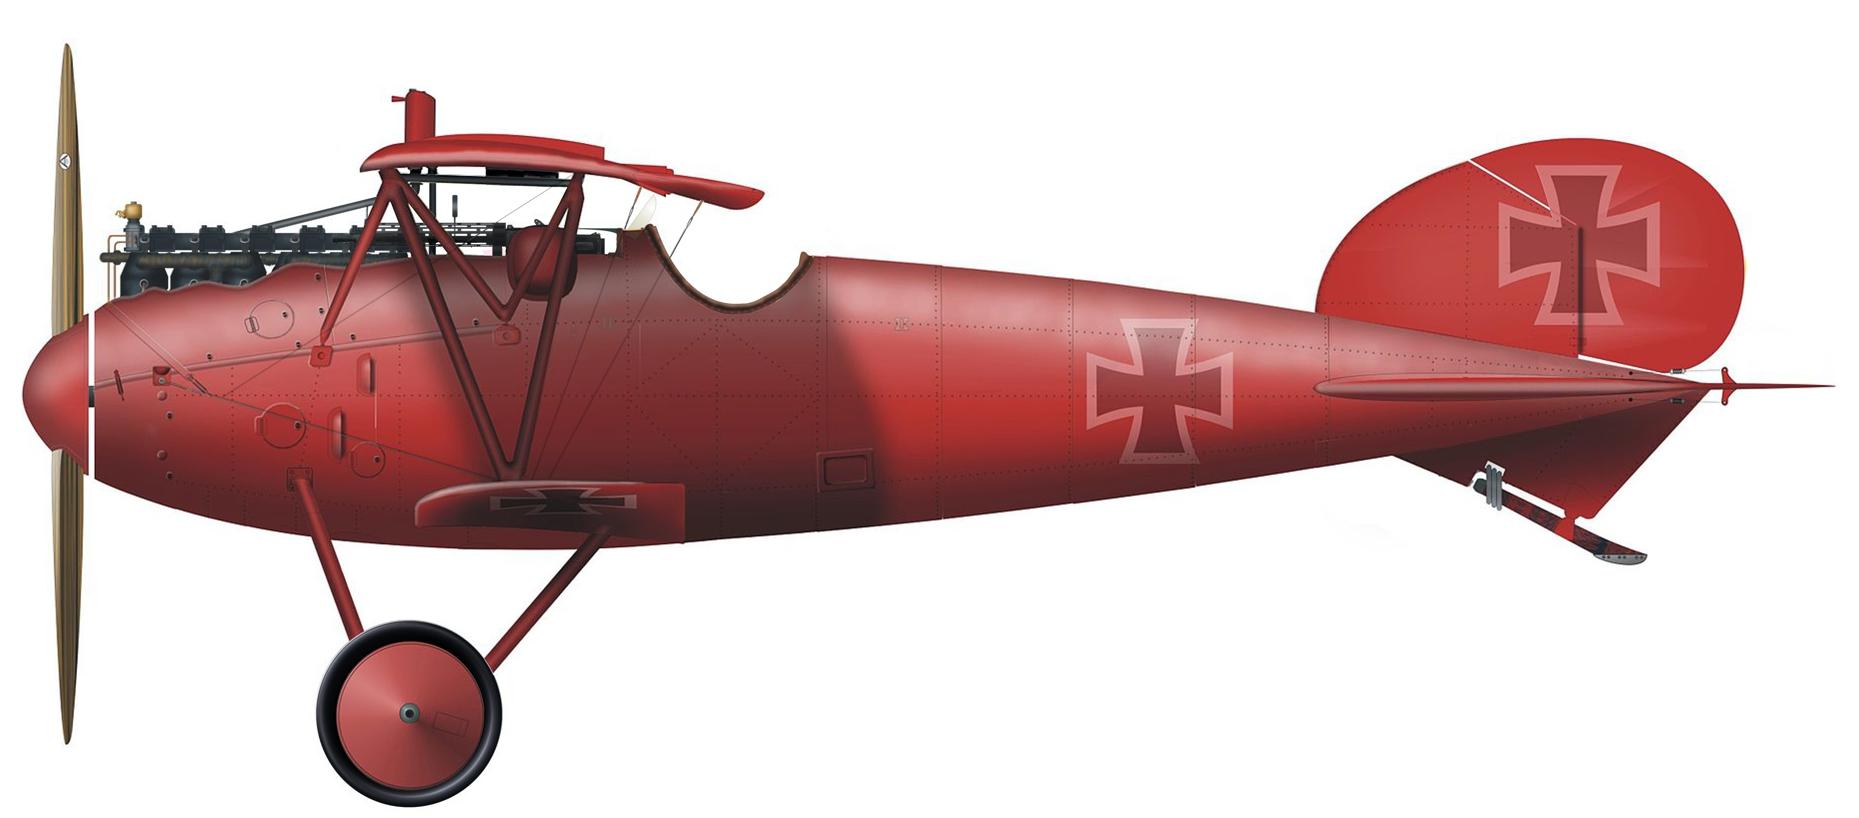 Немецкий истребитель Первой Мировой войны Альбатрос